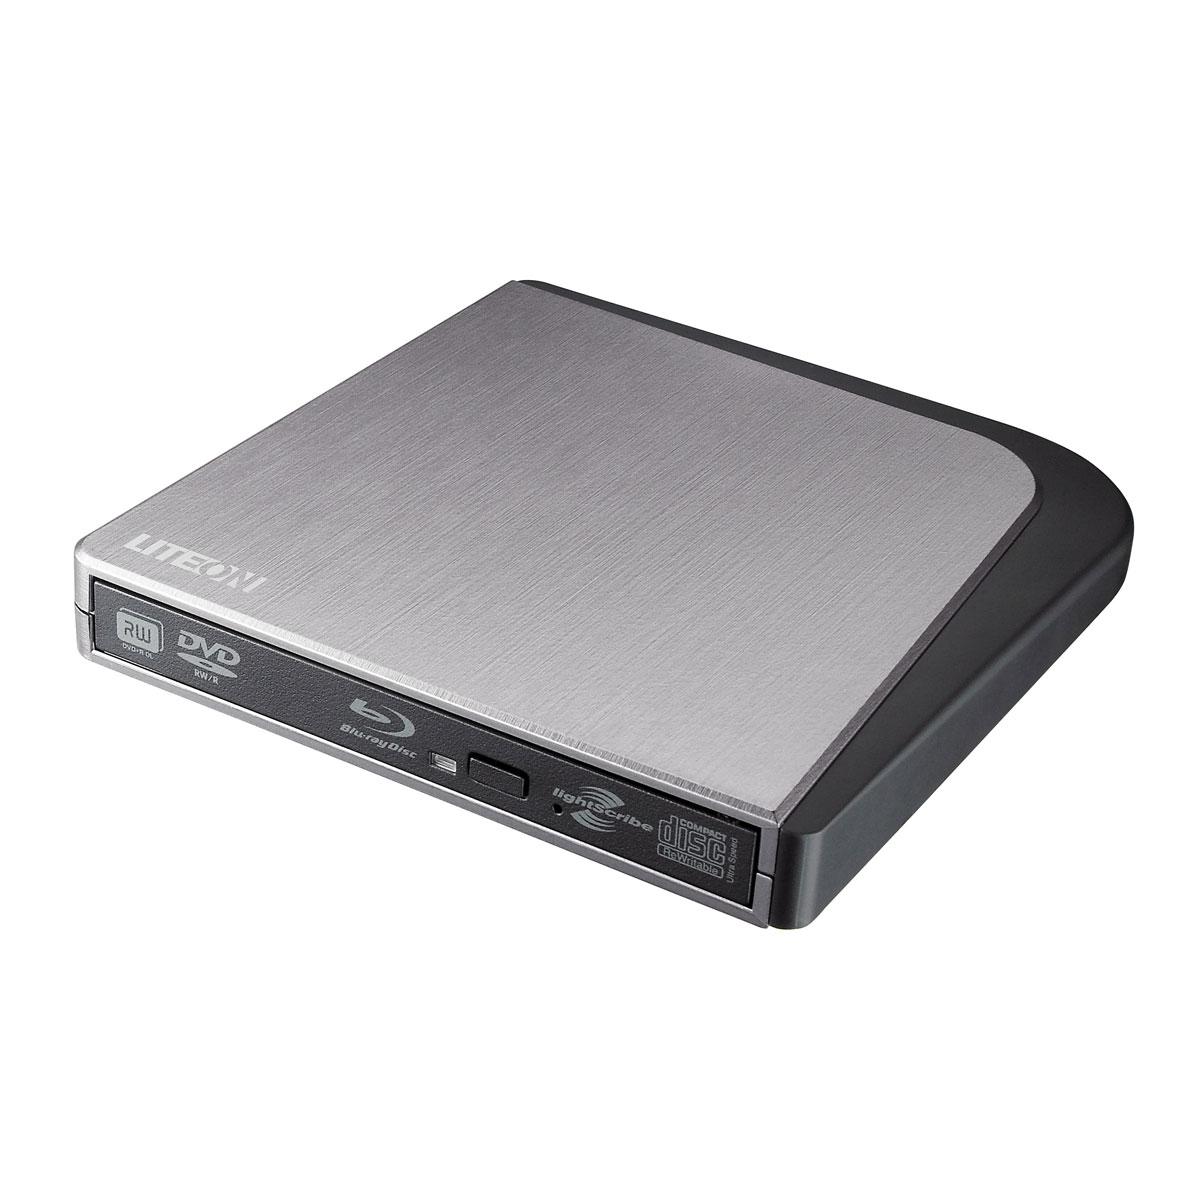 Lecteur graveur Lite-On eSEU206-04 Lecteur Blu-Ray Graveur DVD(+/-)RW/RAM 6/8/8/8/6/5x DL(+/-) 6/6x CD-RW 24/24/24x Slim externe Noir - USB 2.0